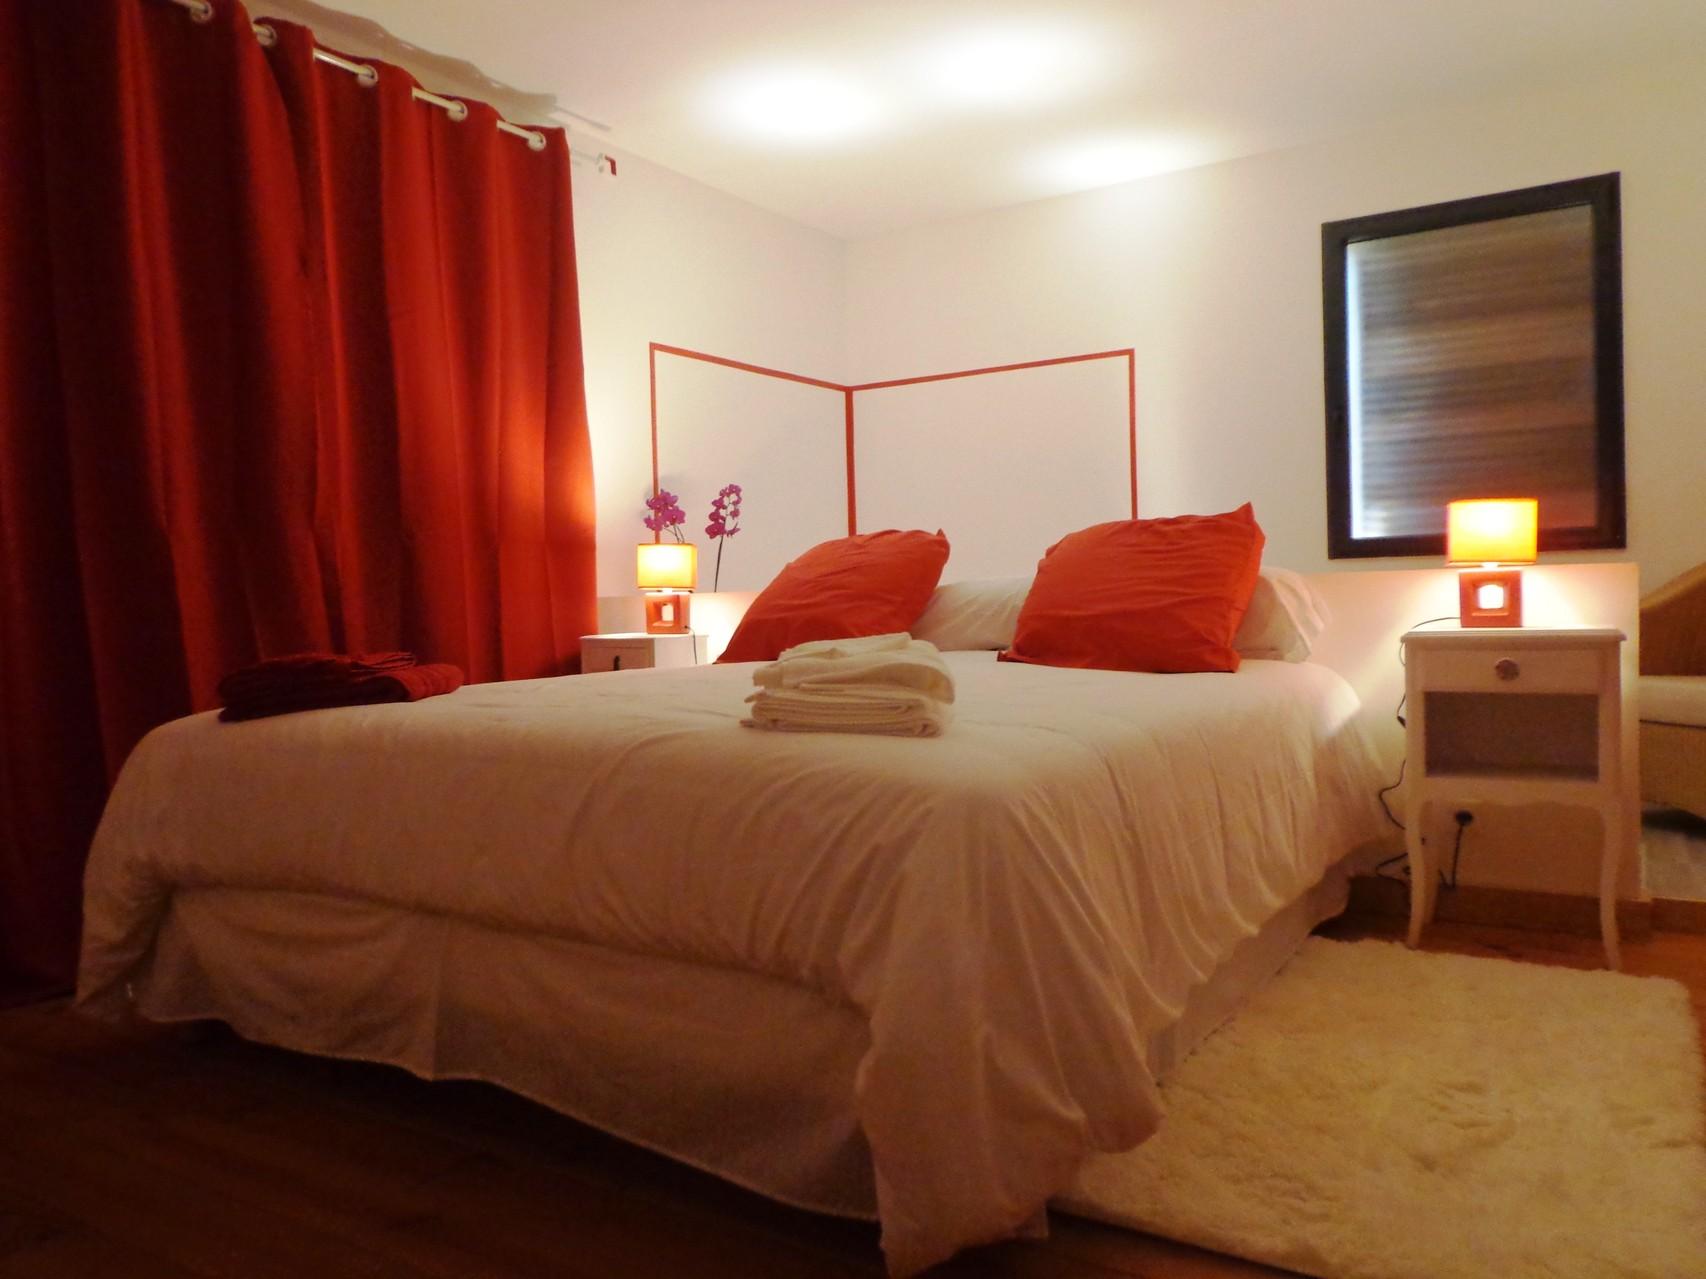 Chambre Romantique de La Grange du Coulin, maison d'hôtes à Onesse et Laharie dans les Landes, Gîtes de France Landes 3 épis